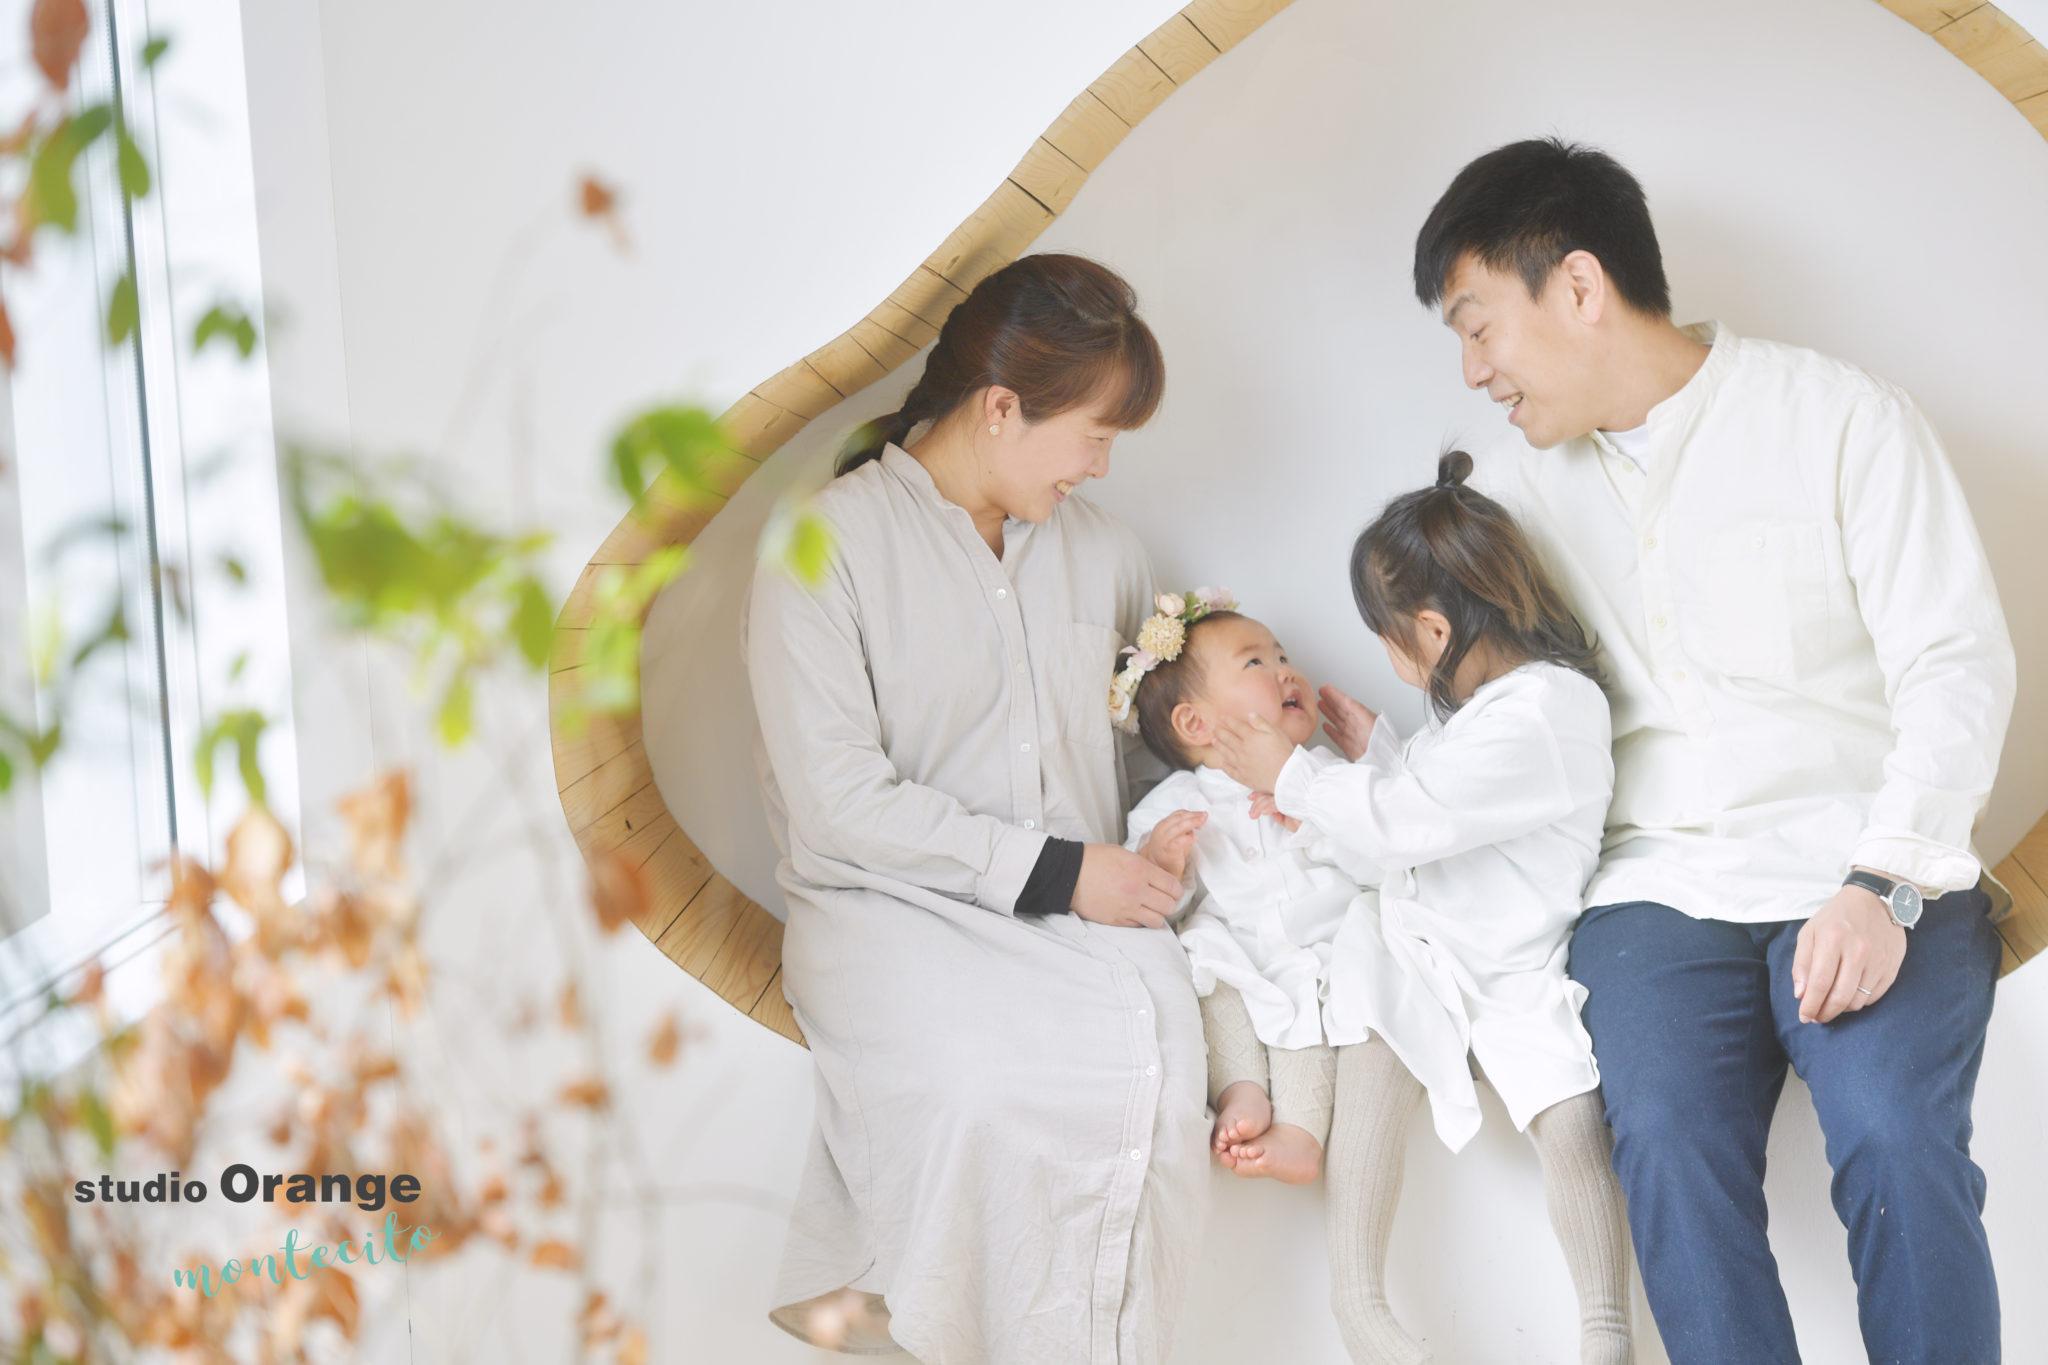 宝塚市 1歳女の子 お誕生日